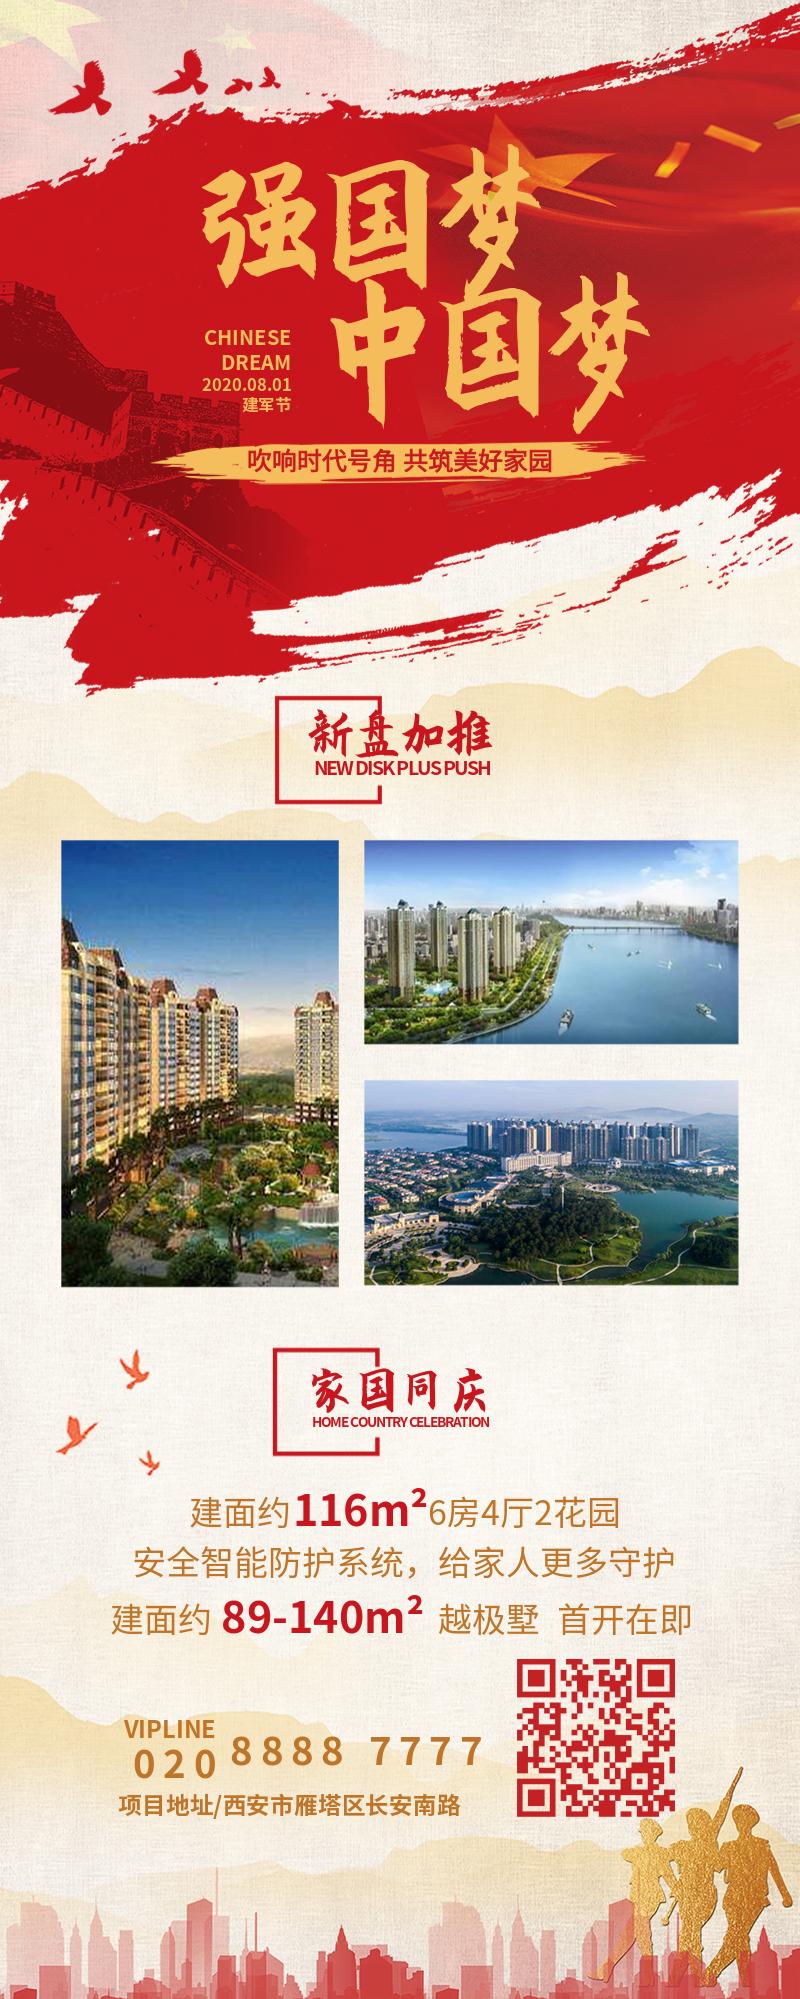 建军节红色党风促销营销活动宣传